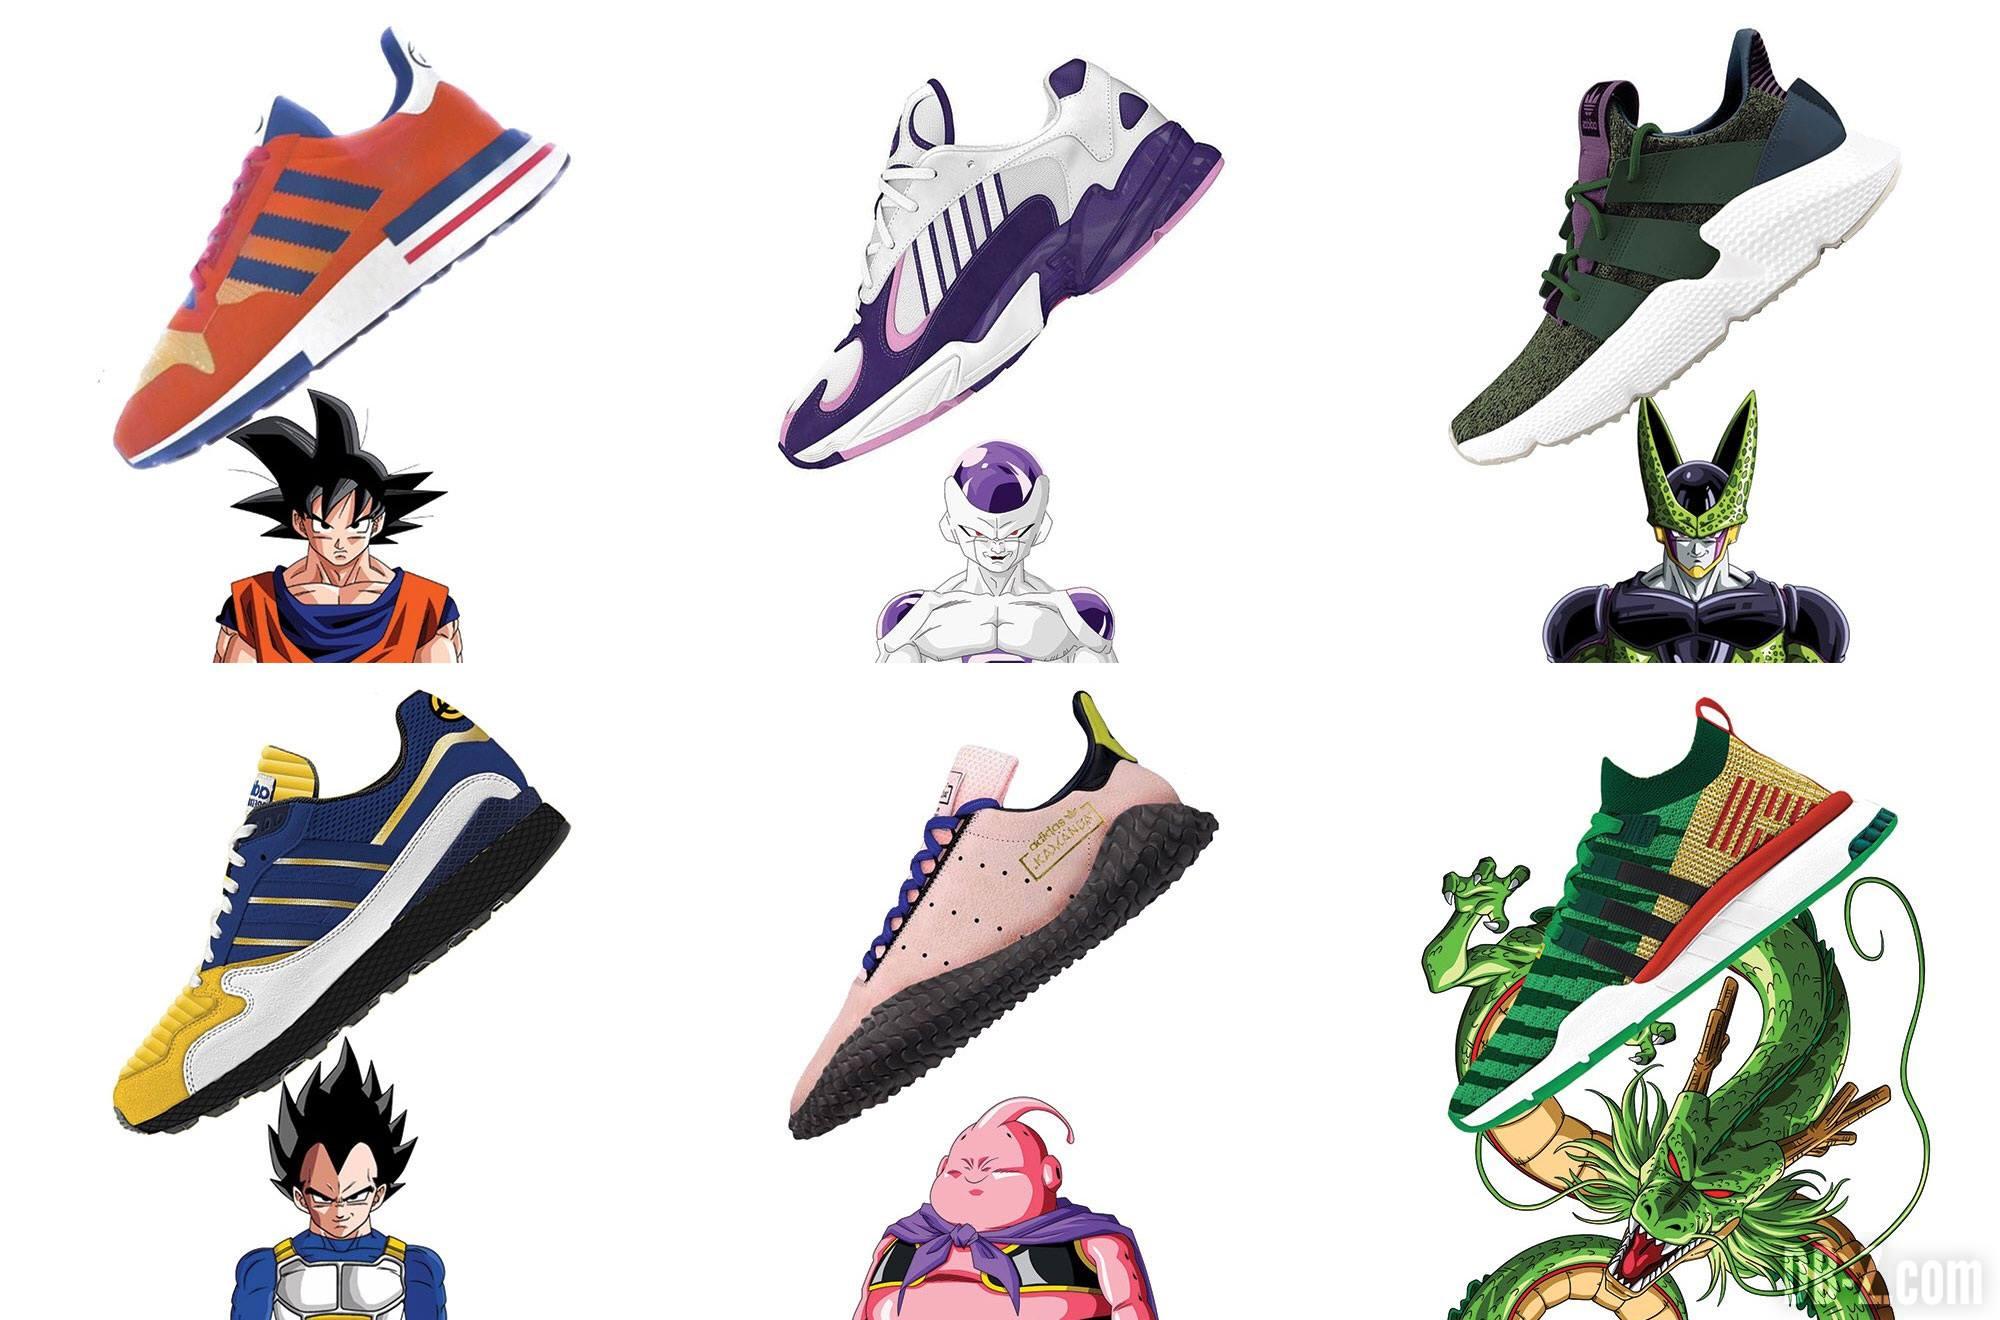 Des chaussures de foot... Spécial mangas ! 26758302_1665794226792117_8028555400070921581_o